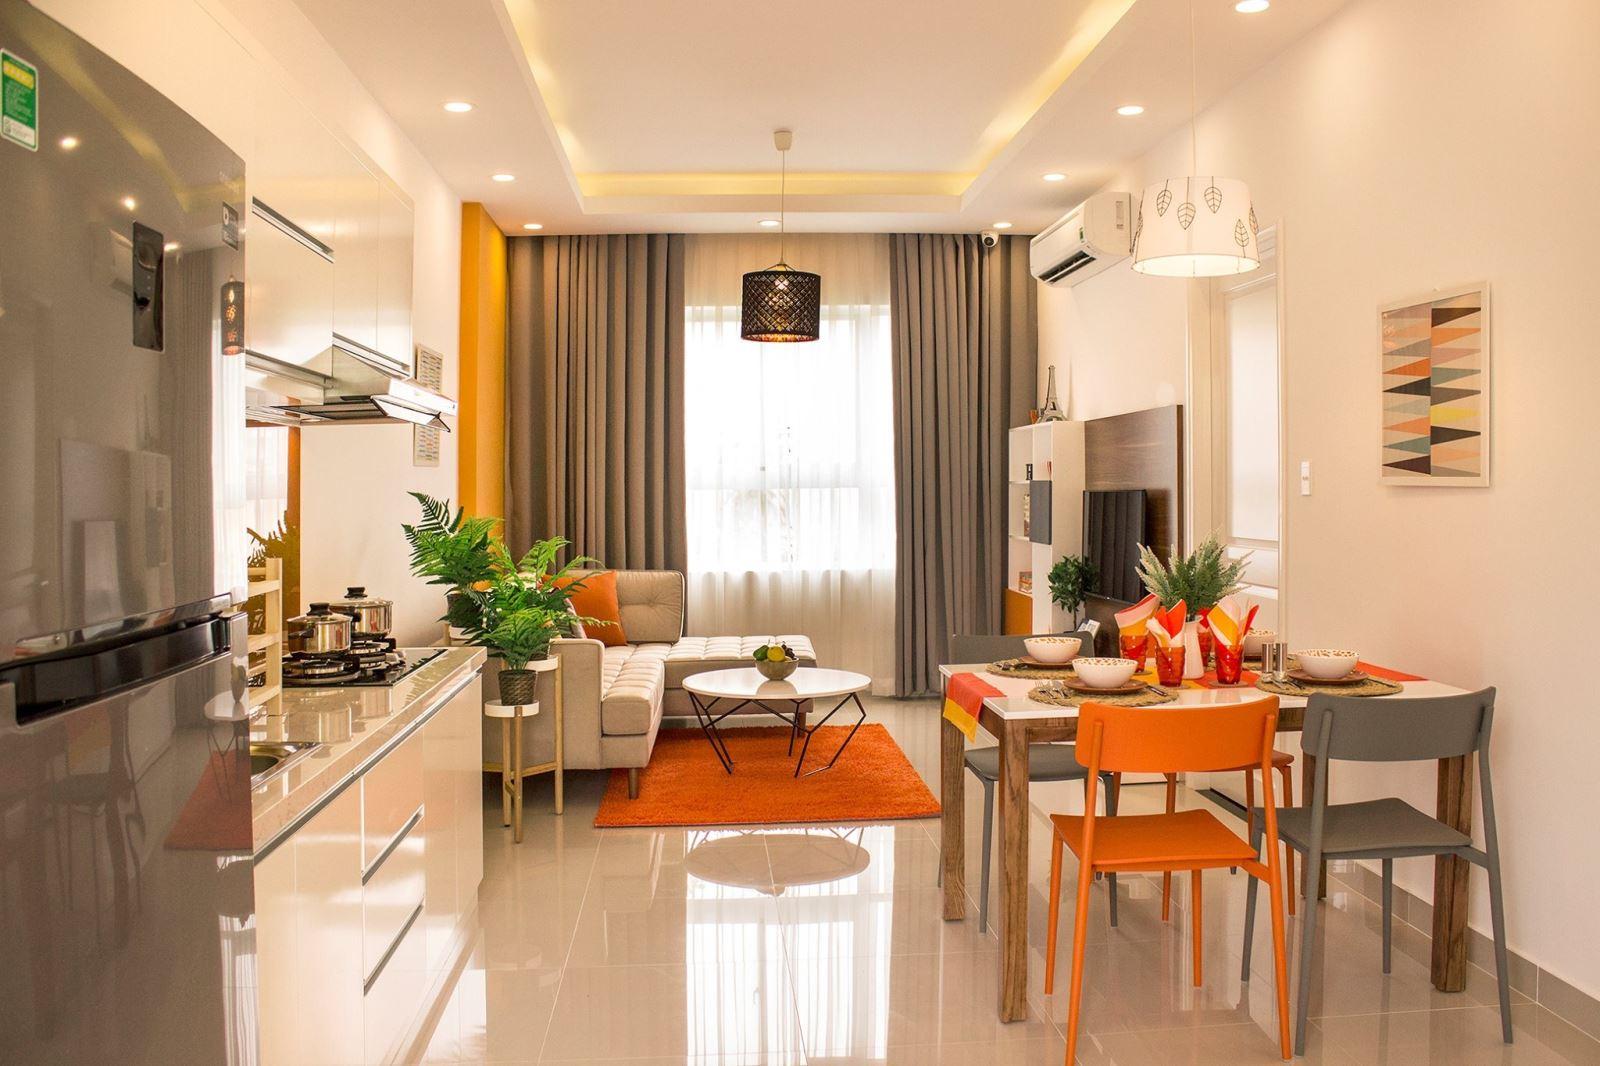 căn hộ mẫu 9 view apartment 2